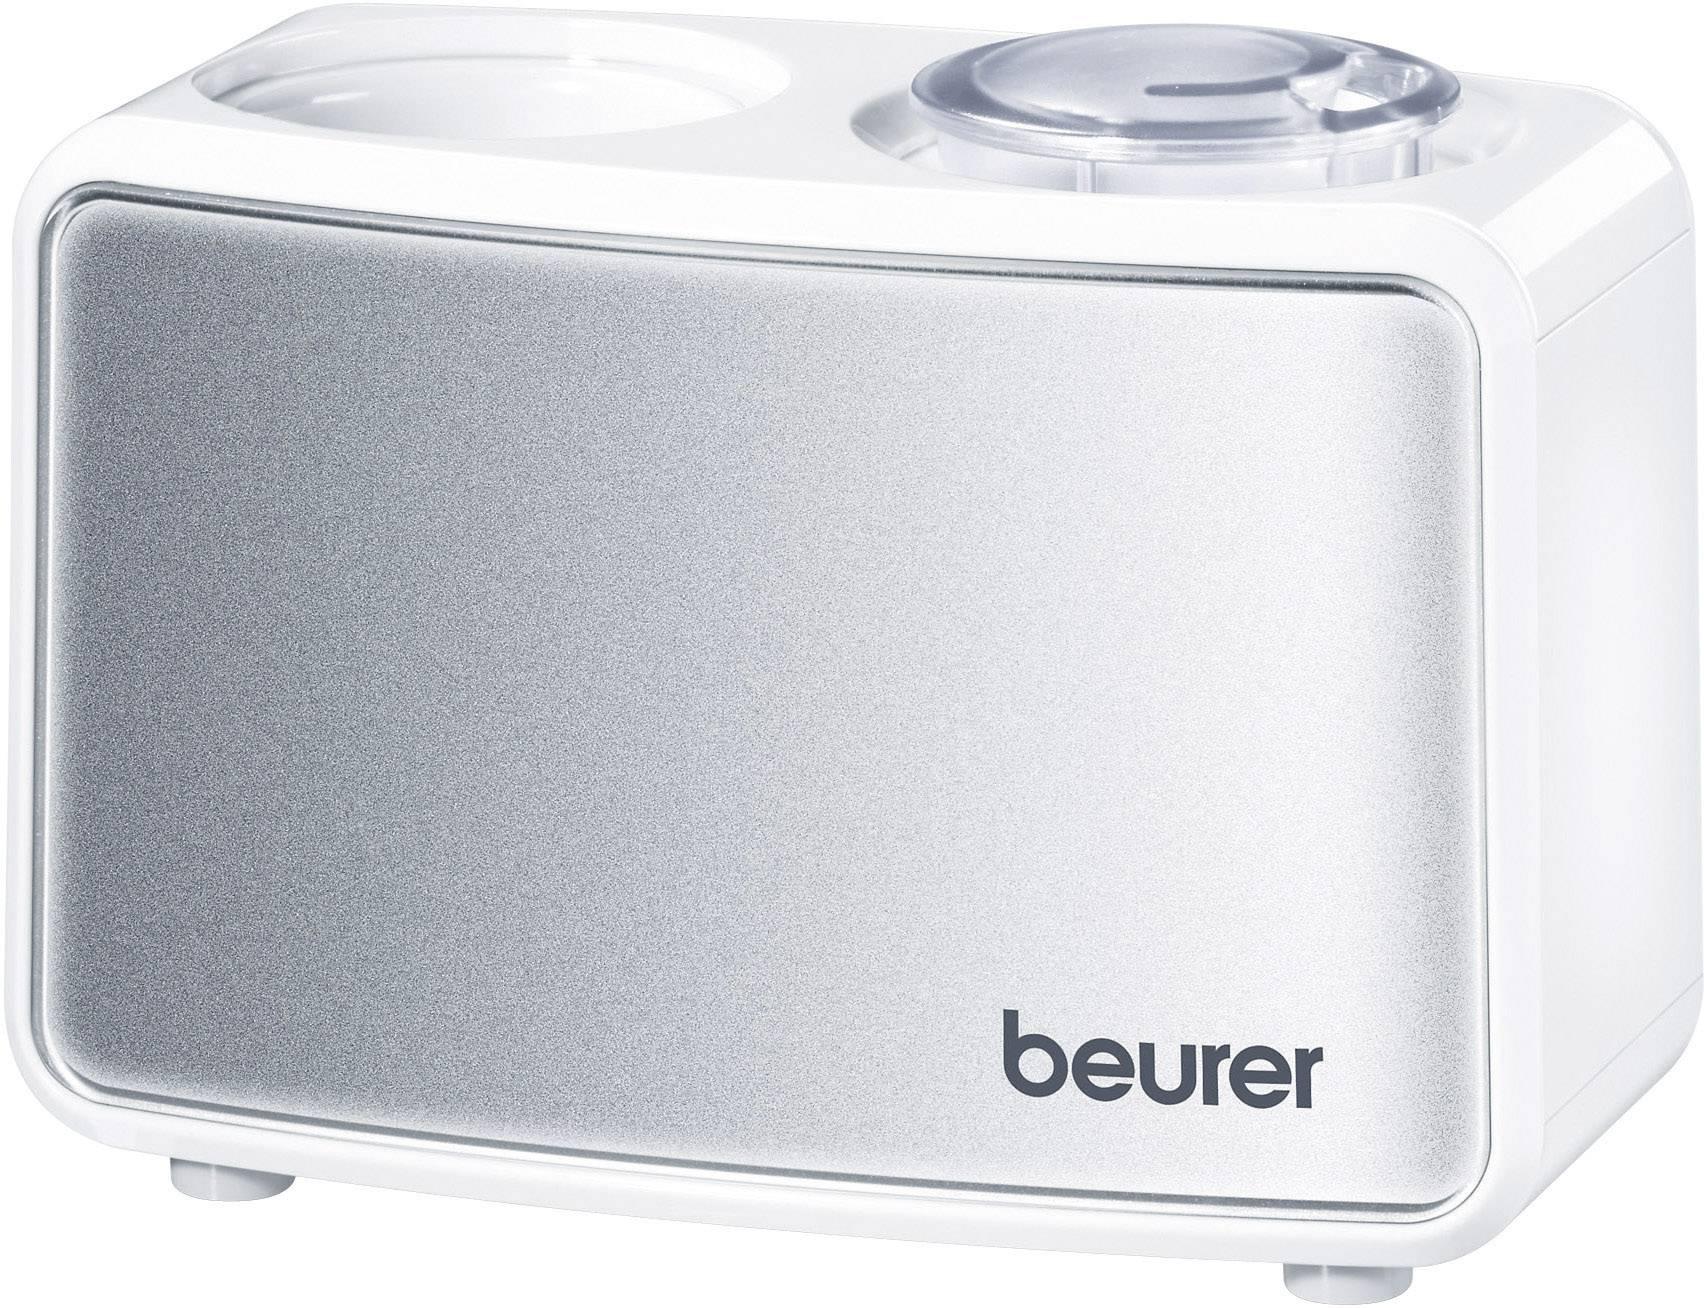 Ultrazvukový zvlhčovač vzduchu Beurer LB12, 680.05, 0,08 l/h, stříbrná